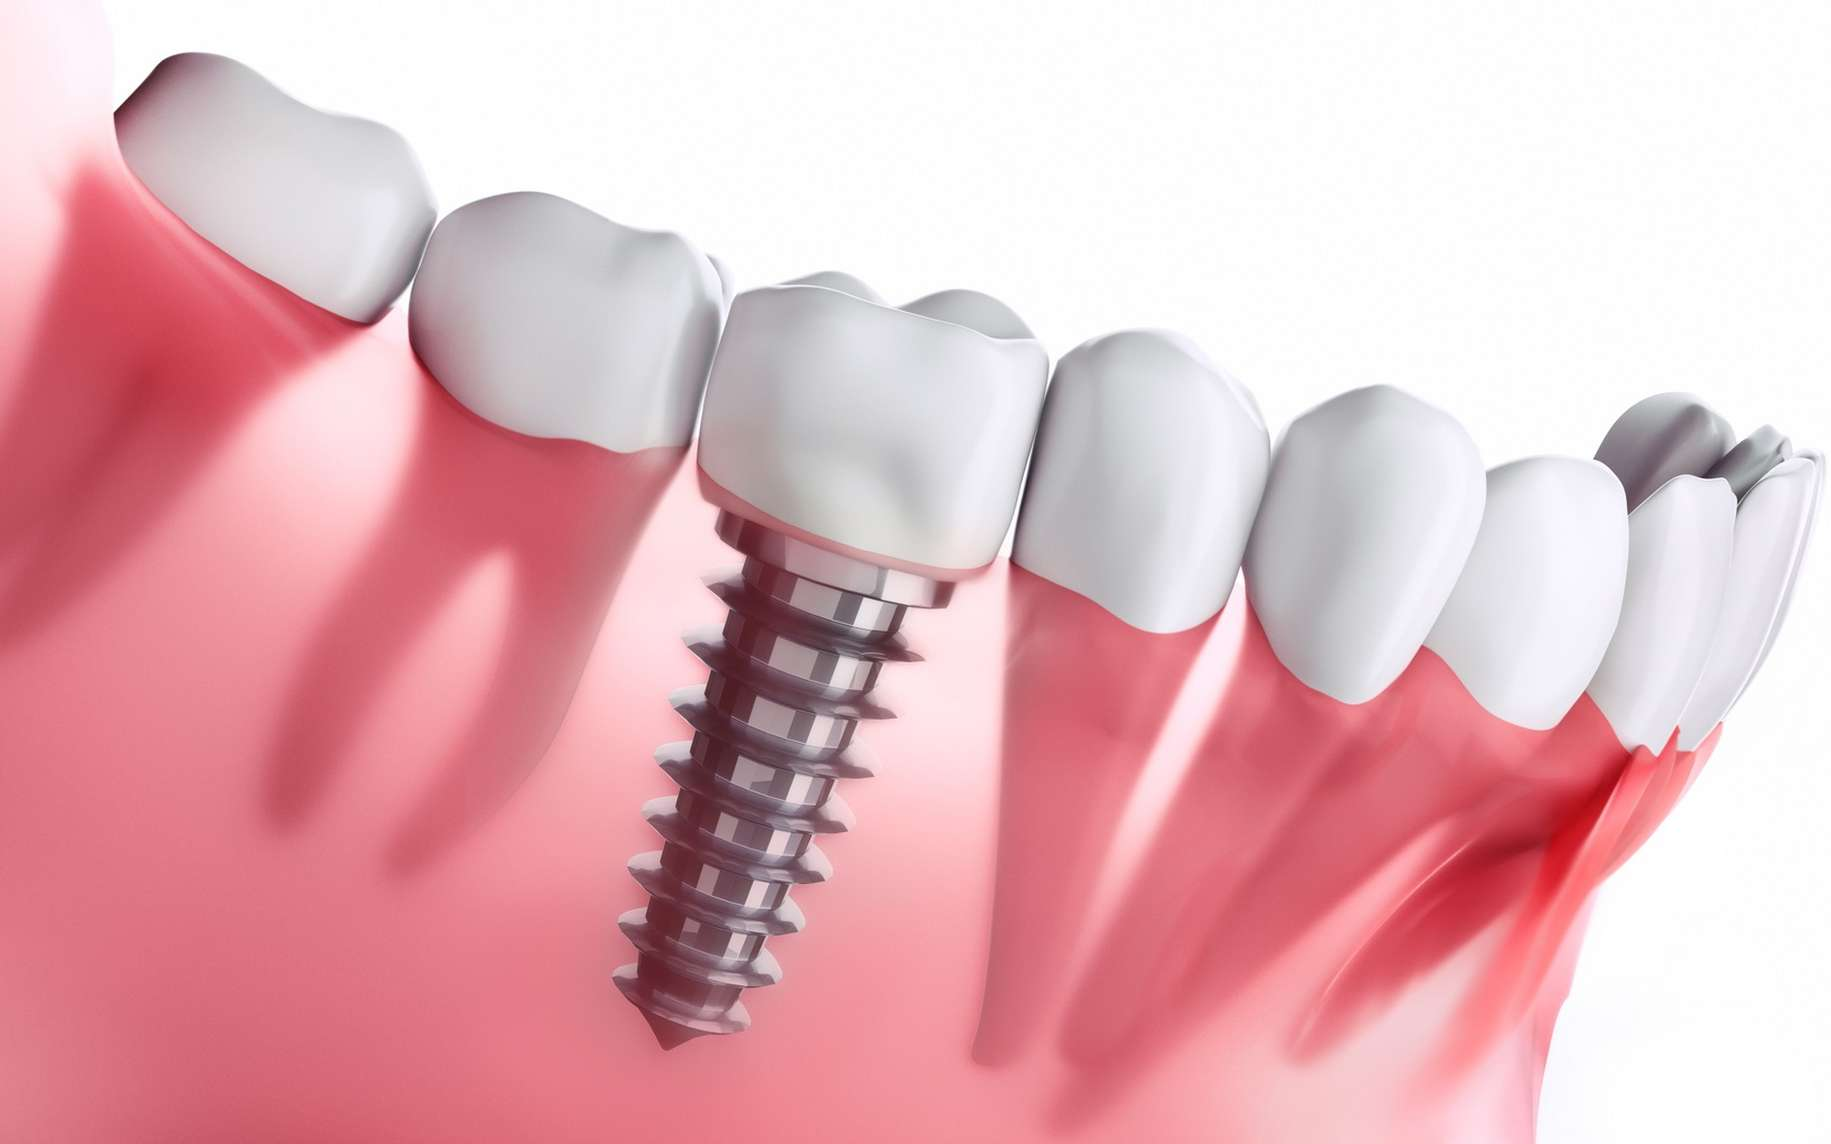 Ce qu'il faut savoir sur les implants dentaires. © peterschreiber.media, Fotolia